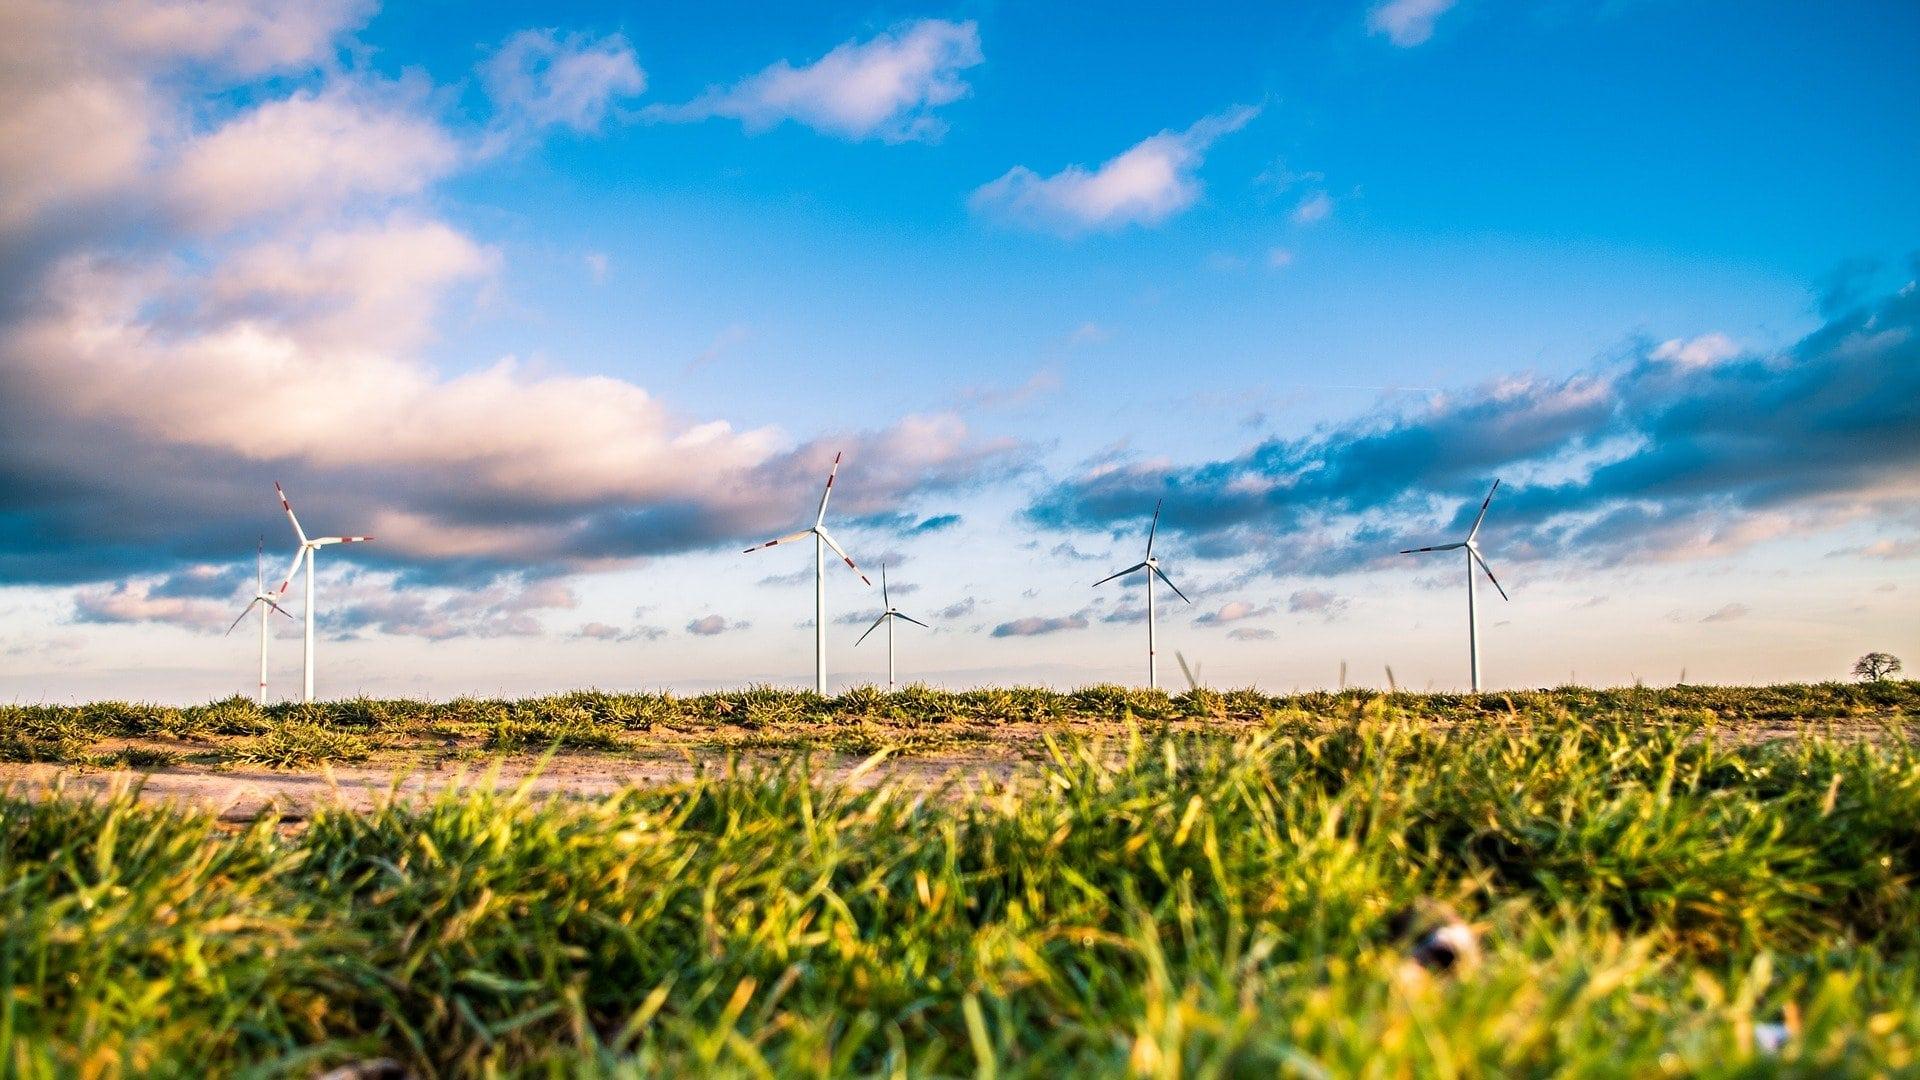 Polje, vetrne elektrarne, mlini na veter. Vir: Pixabay